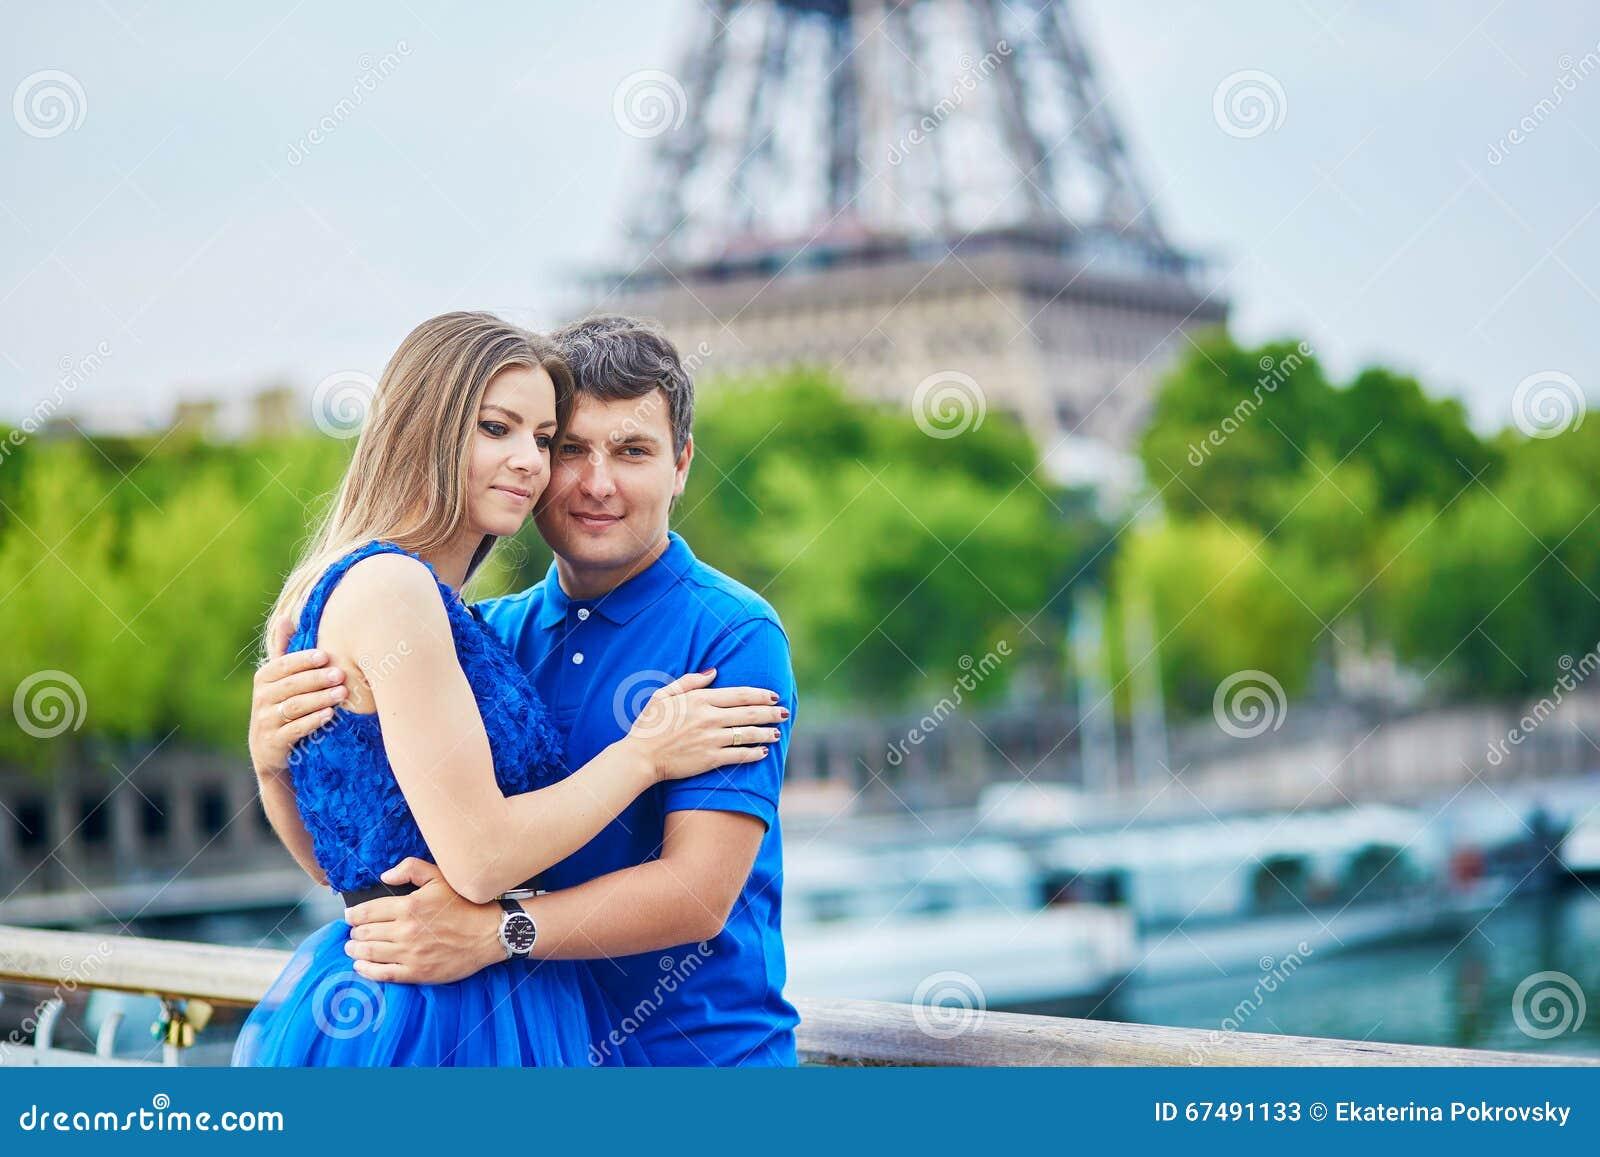 девушка для пары в екатеринбурге зарождаются симпатии